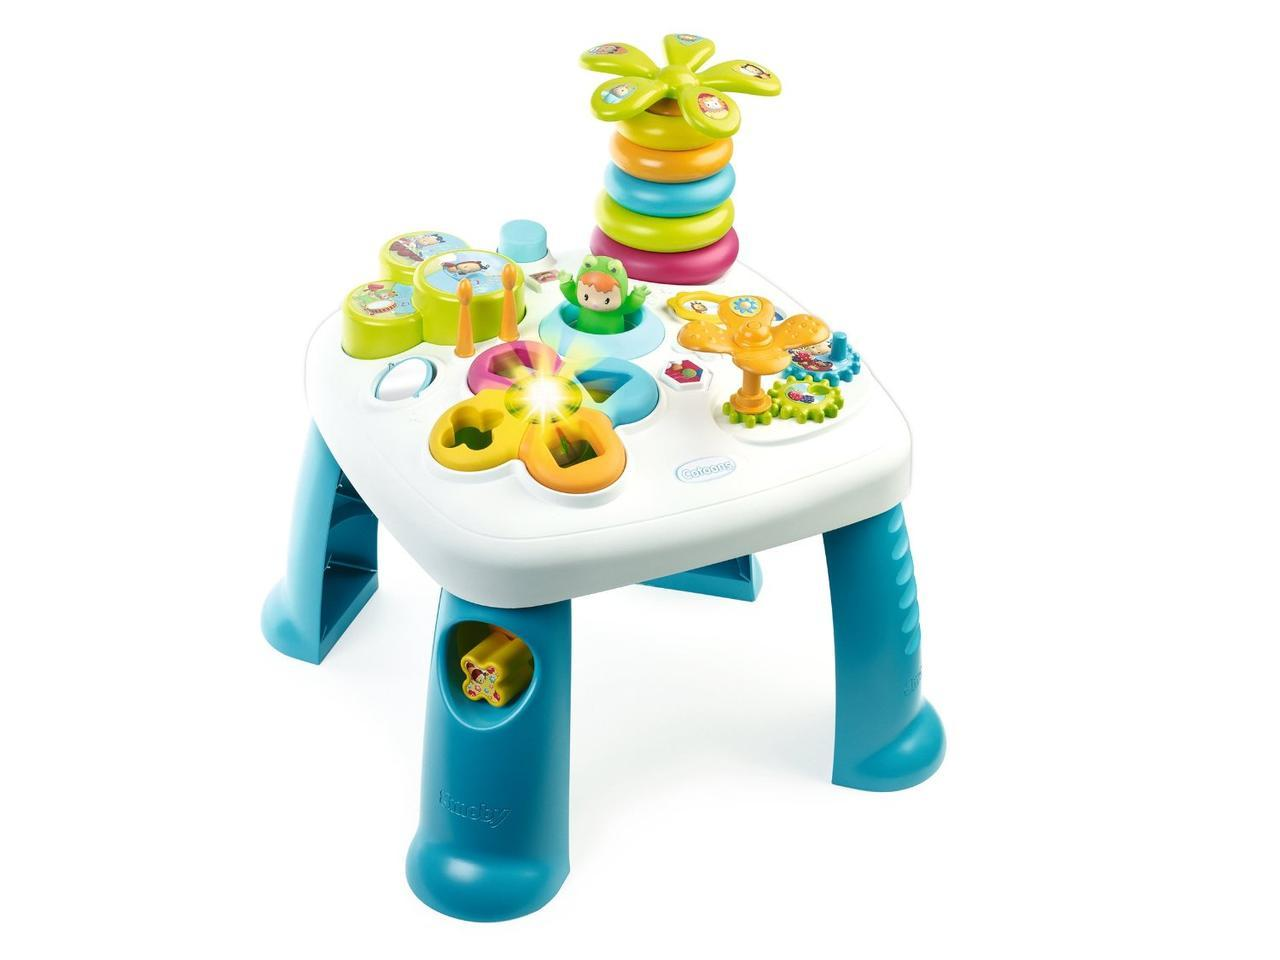 Развивающий игровой столик Цветочек Cotoons Smoby Франция